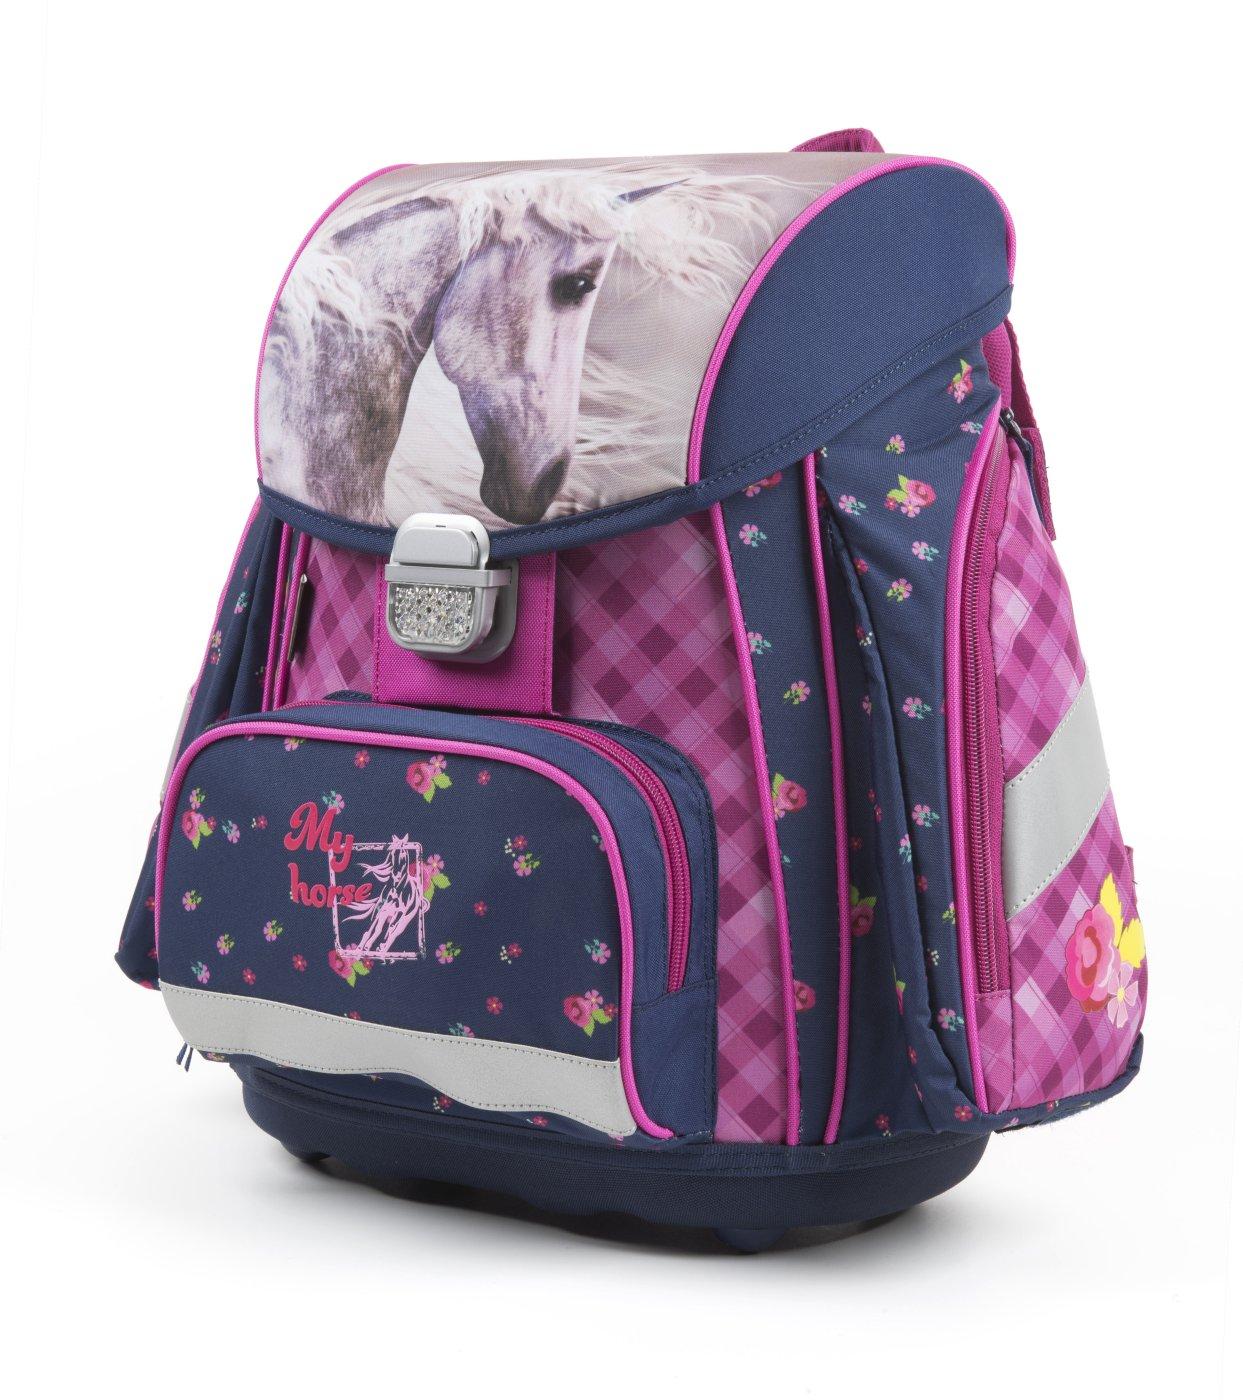 Školní batoh PREMIUM kůň - Školní potřeby » BATOHY A AKTOVKY » PREMIUM 6d6189bf11